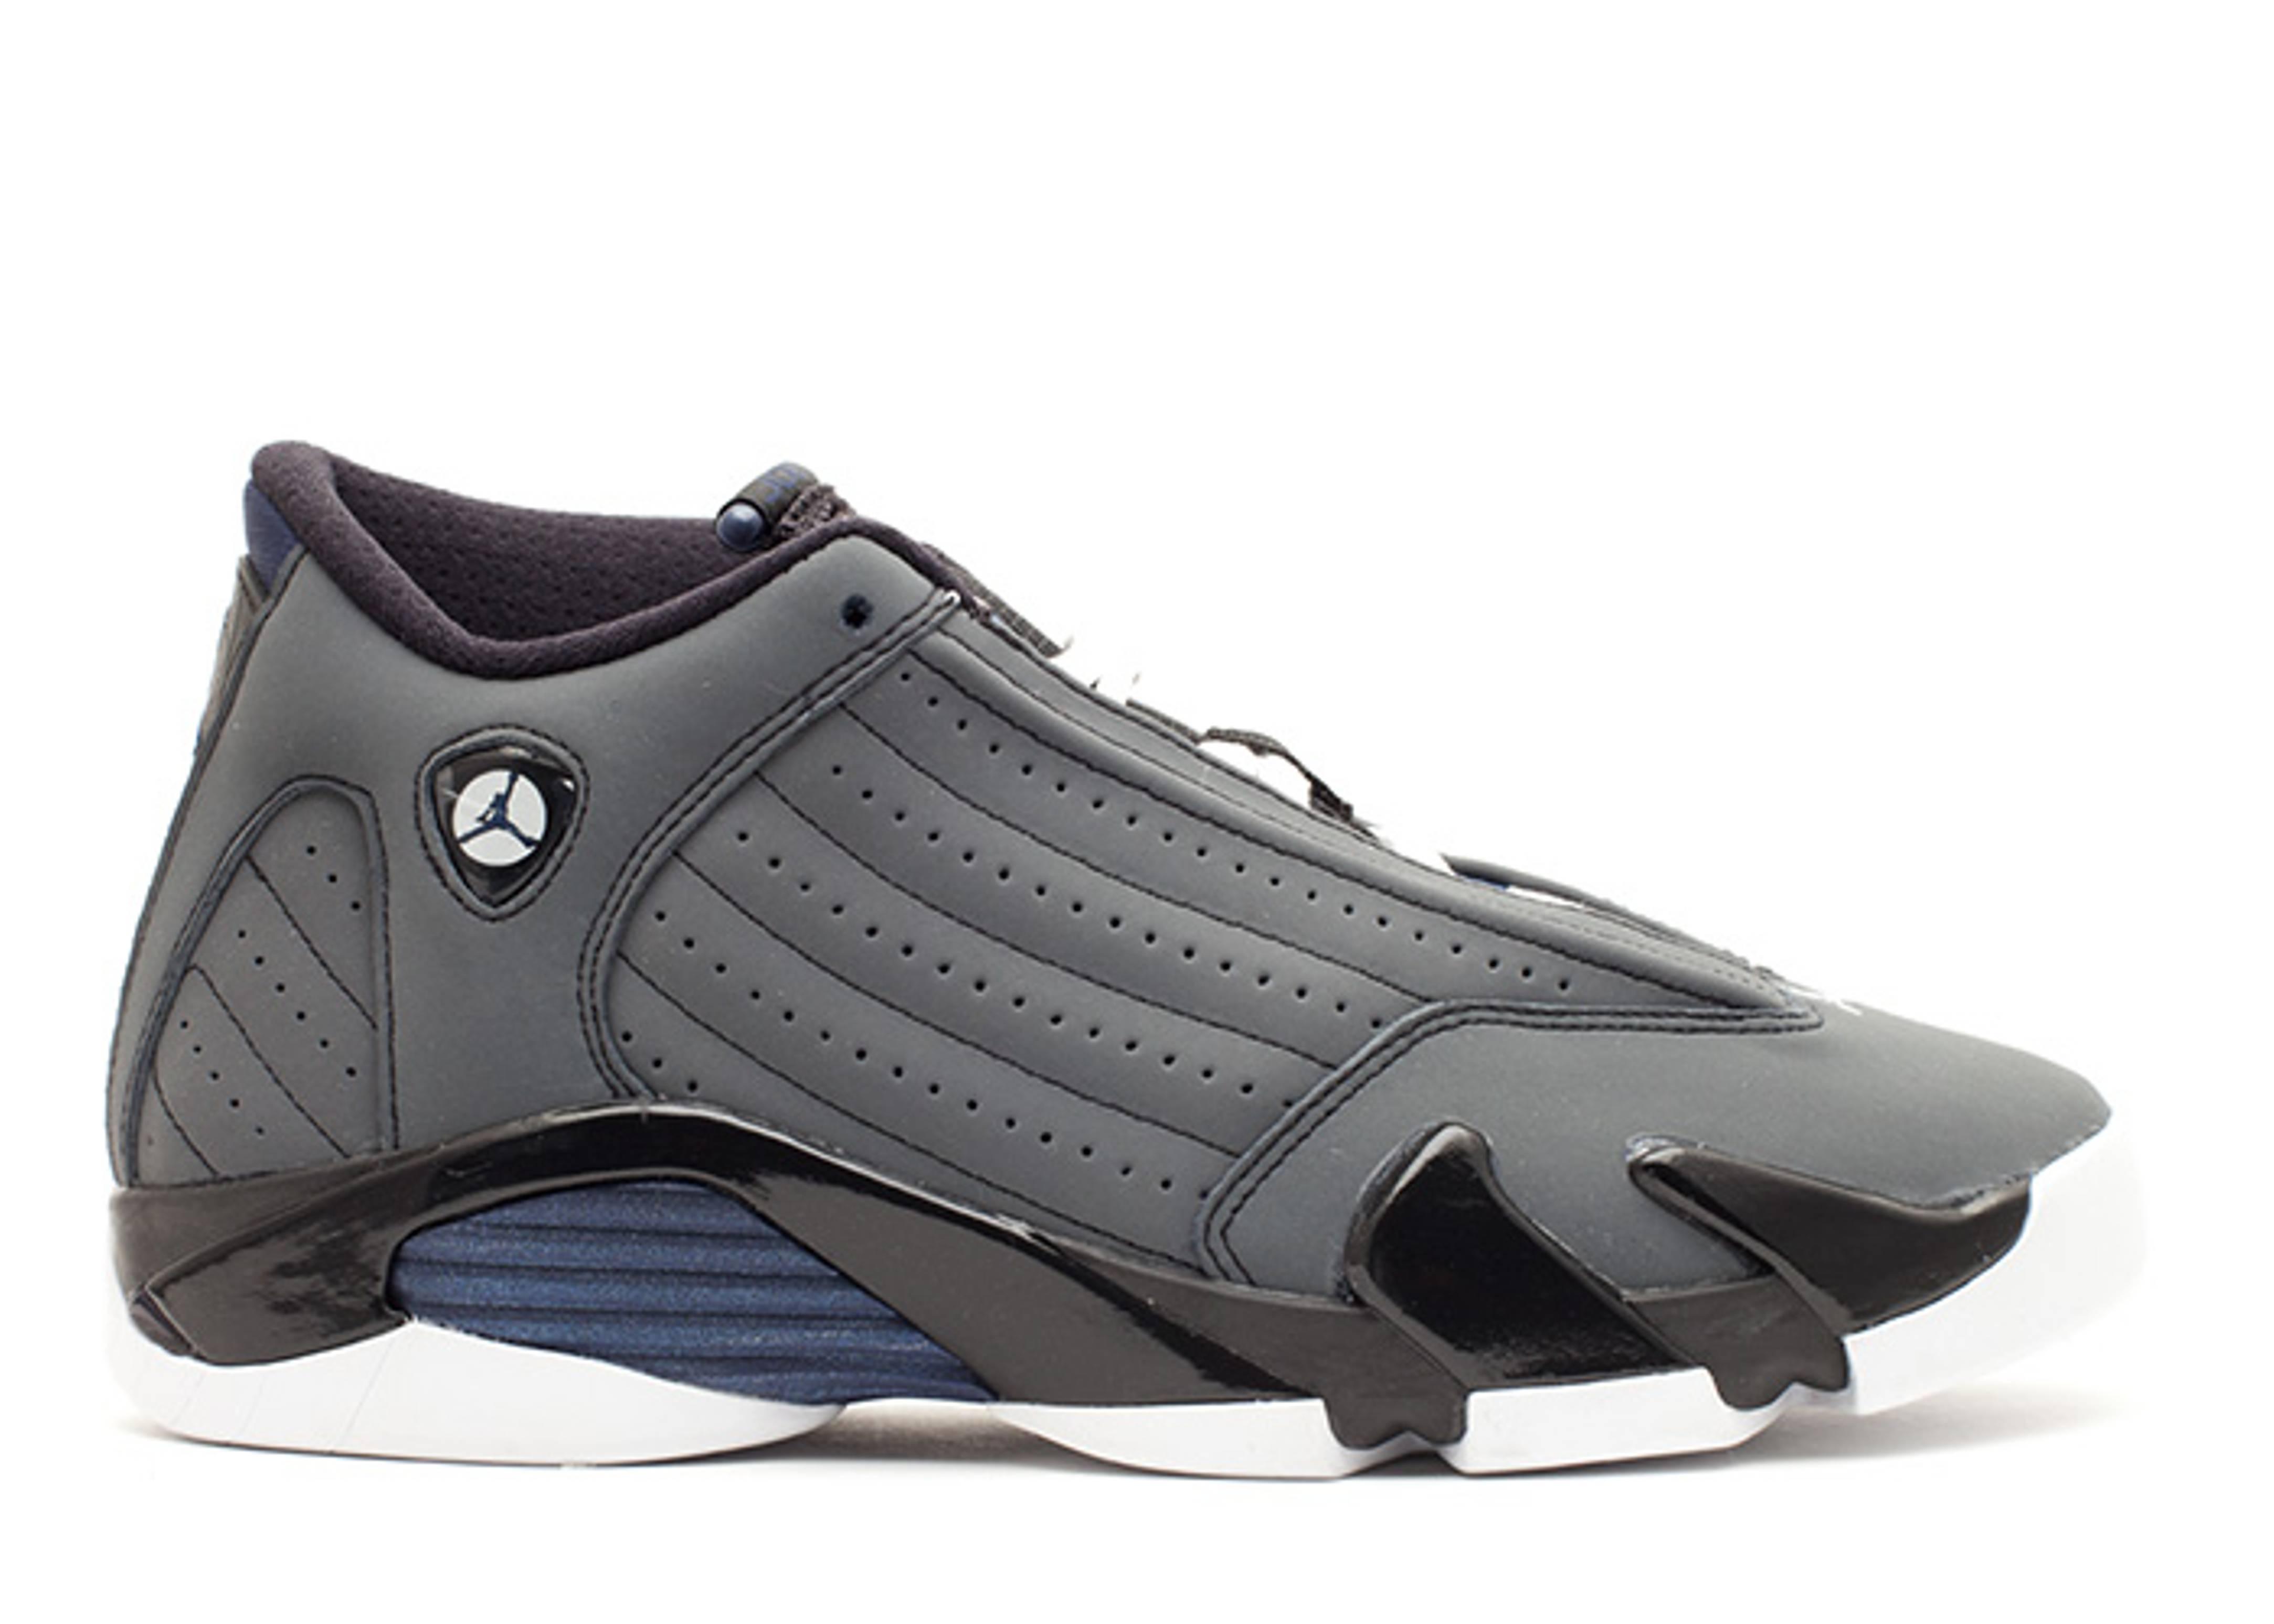 a2d9e01318e4 Air Jordan 14 Retro (gs) - Air Jordan - 312091 011 - light graphite ...